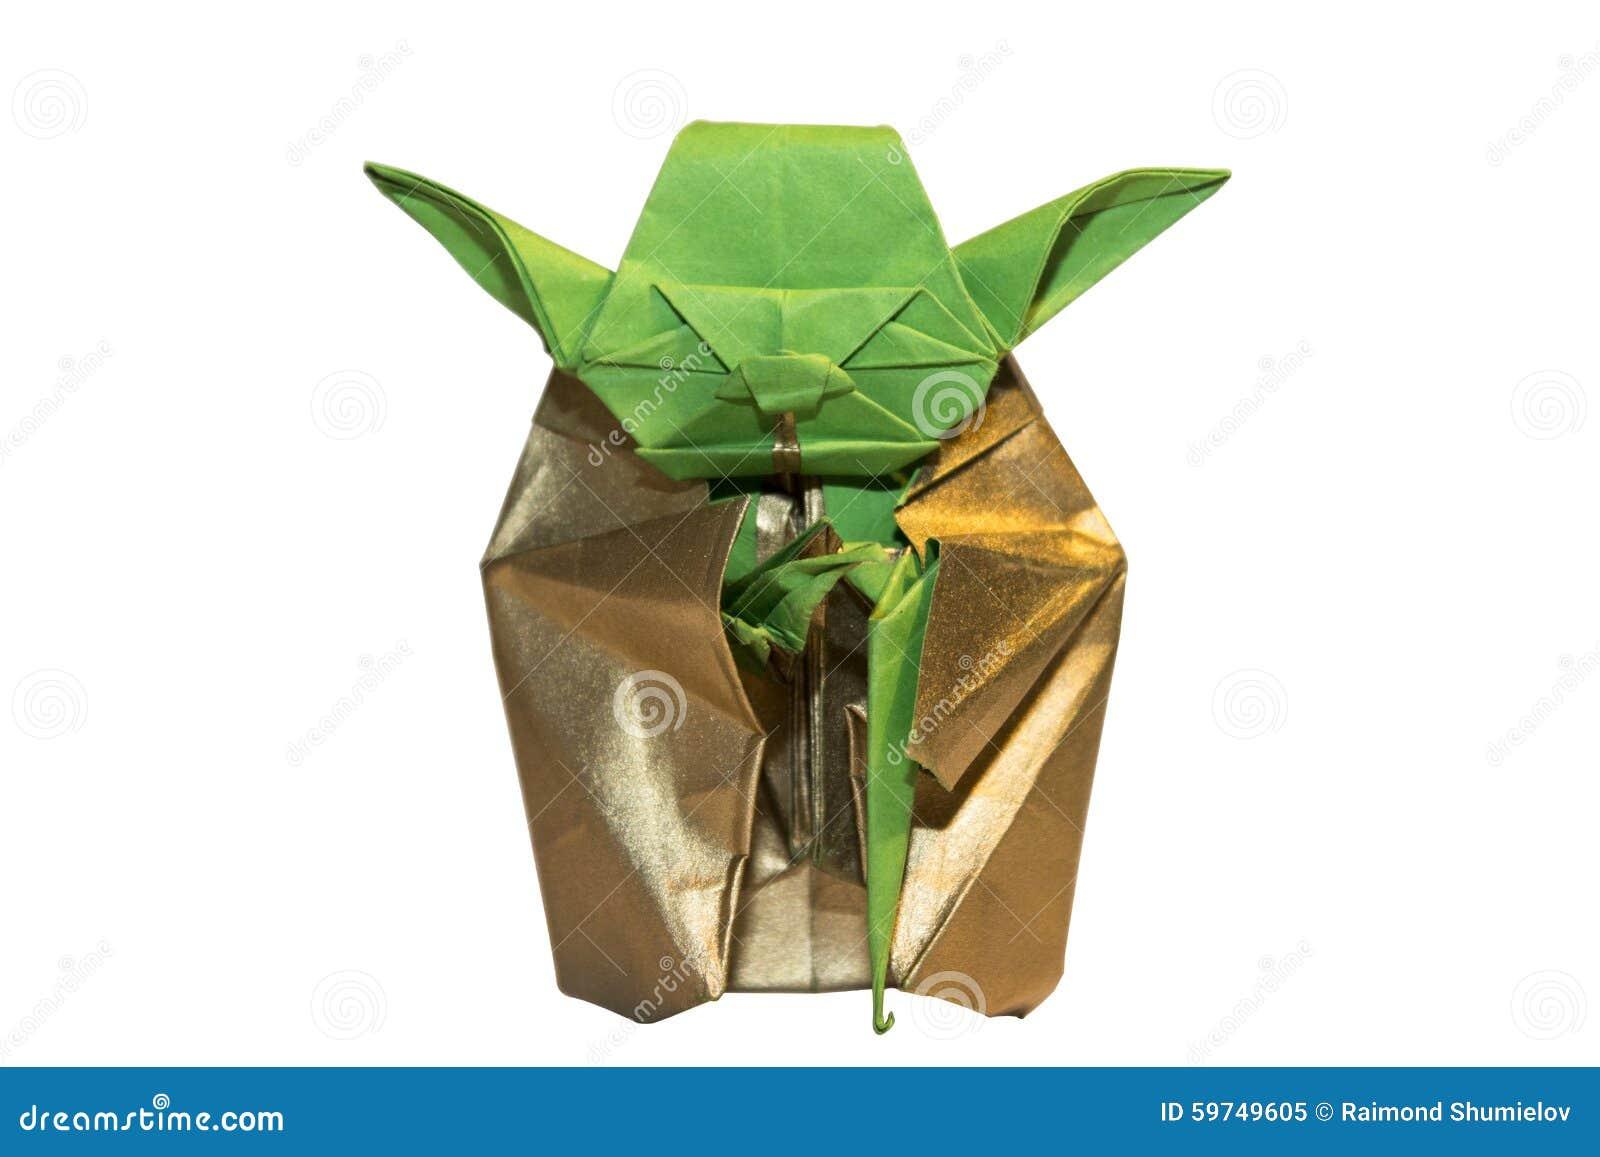 Origami Yoda Jedi Isolated On White Stock Image - Image of ... - photo#43